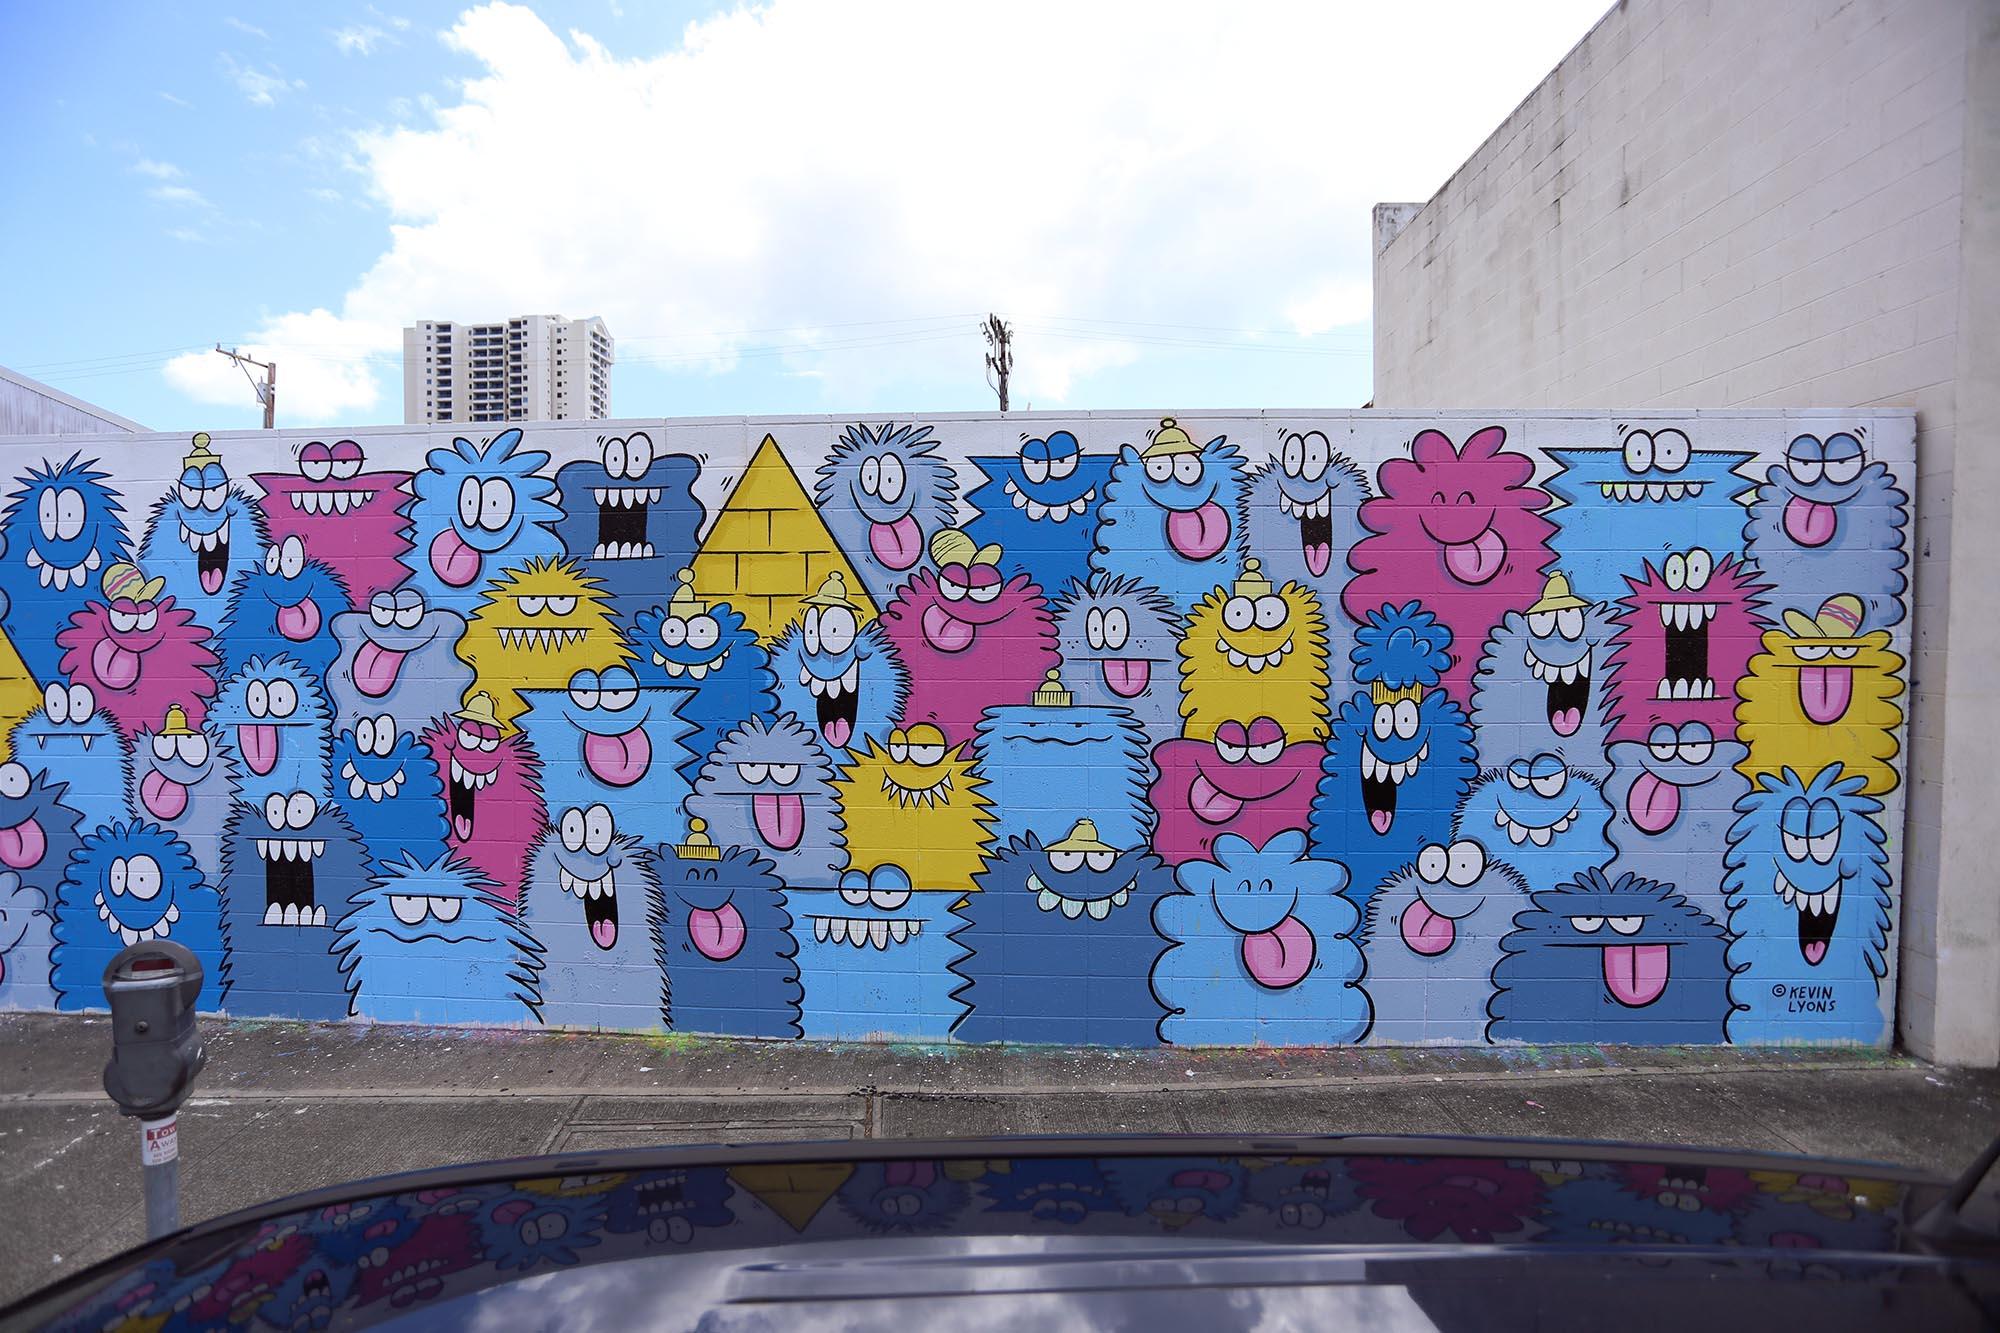 kevin lyons pow wow festival grafite mural 2016 (3)